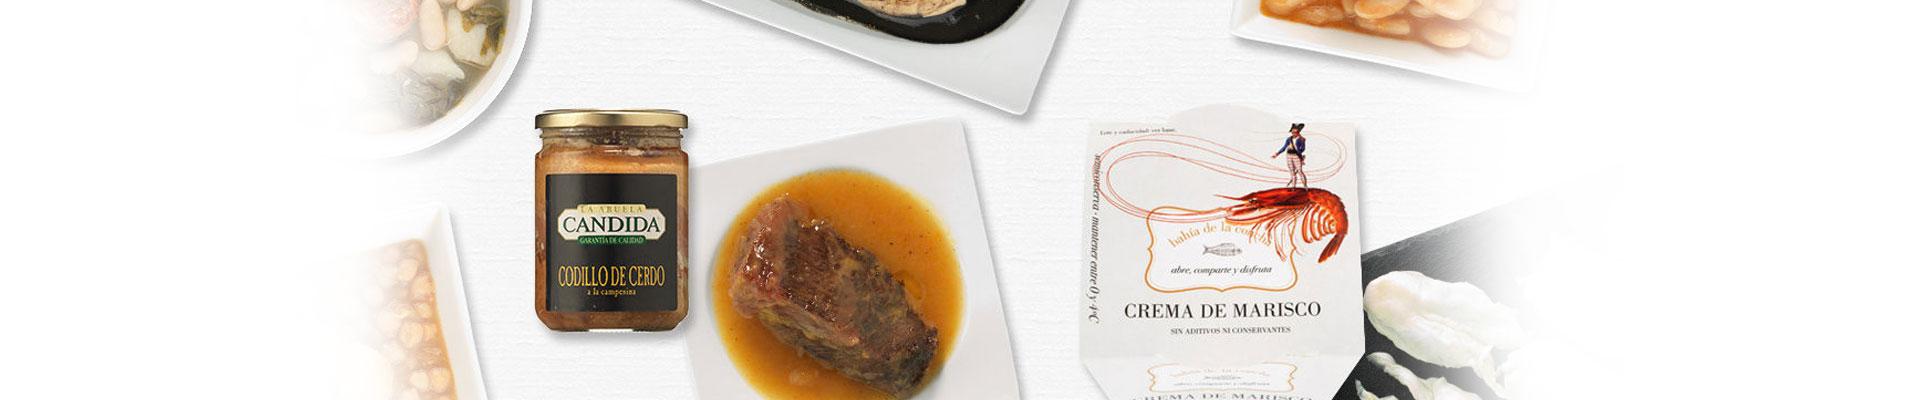 Gastronomía de alta expresión sin cocinar ni moverse de casa